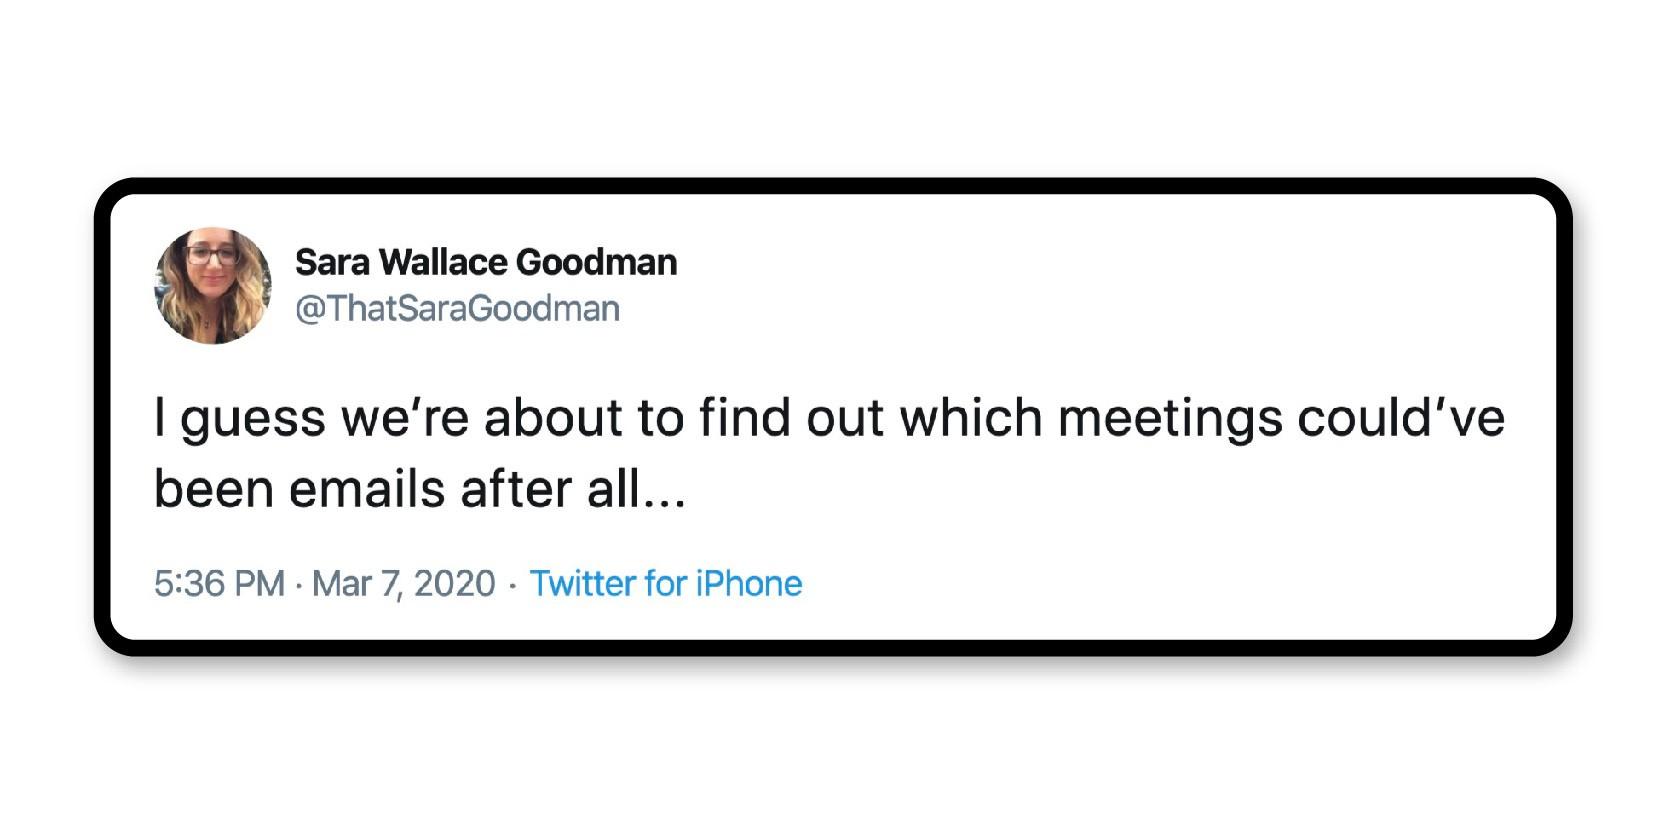 Emails vs. meetings